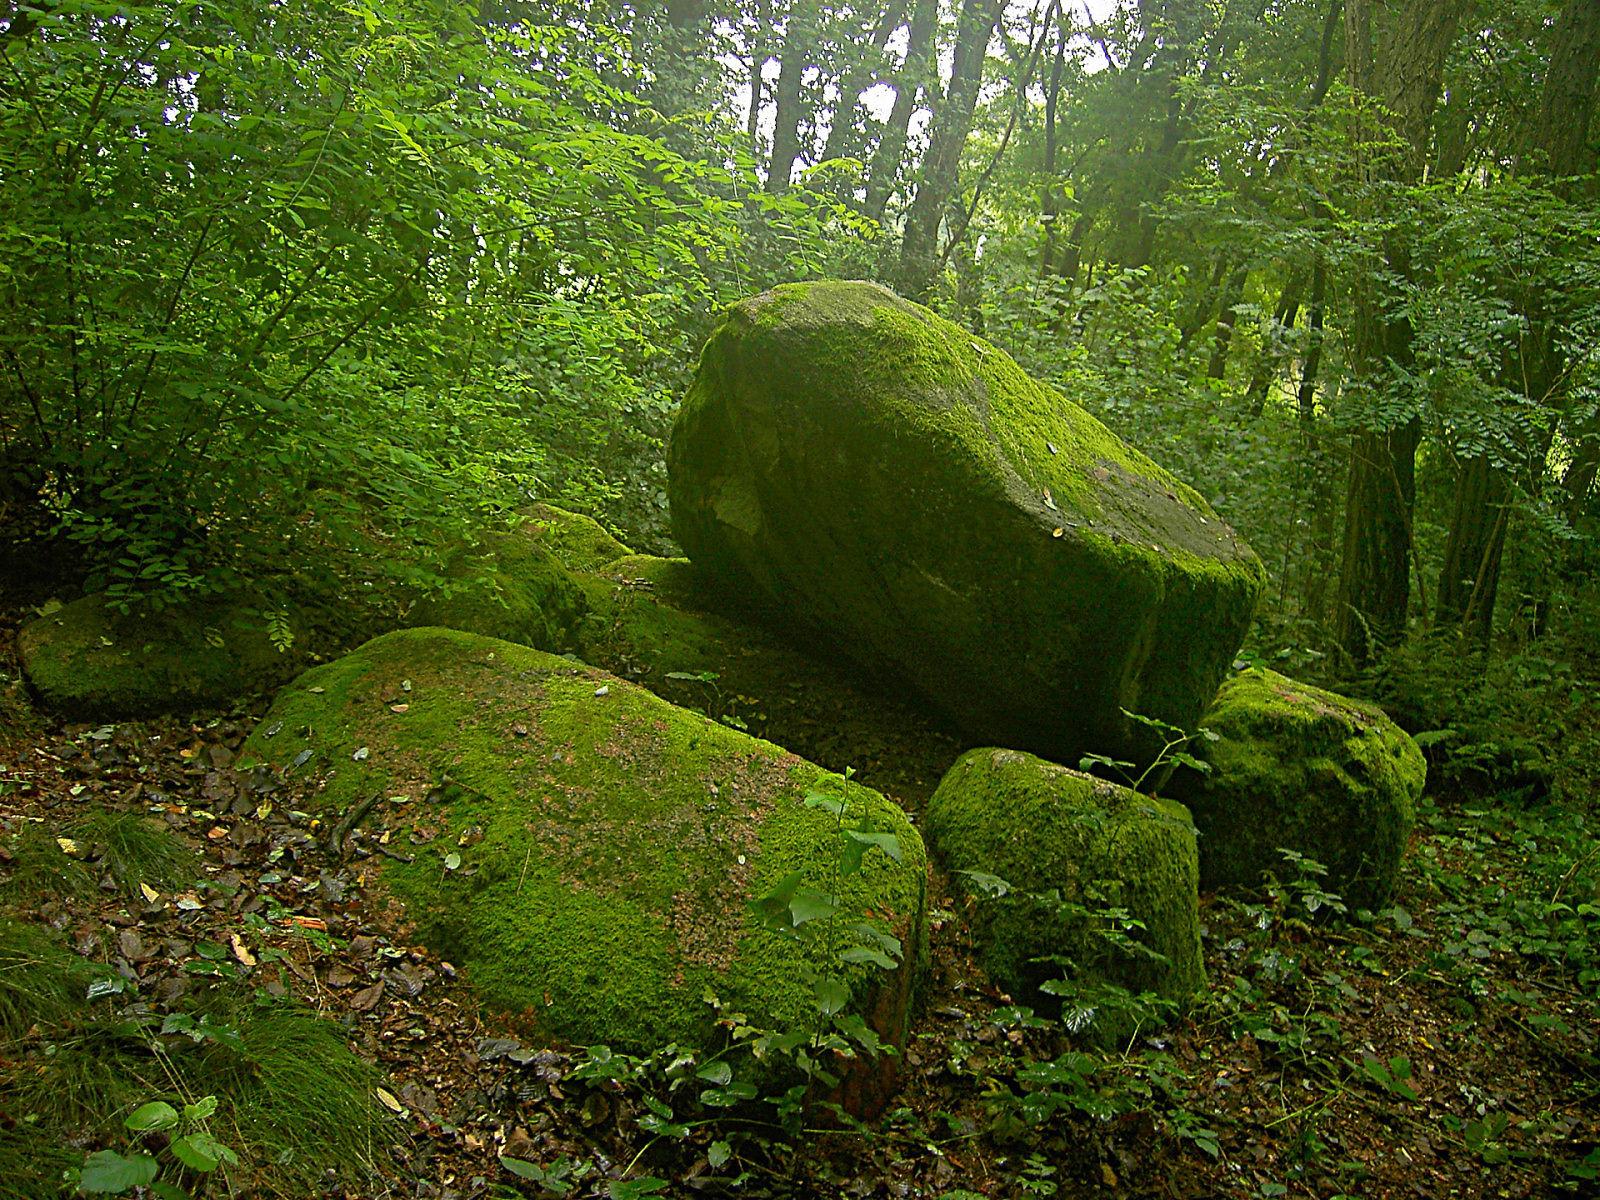 http://2.bp.blogspot.com/-Ix9K9VwZz_I/UD3jPEzl_nI/AAAAAAAABXM/VxA0FLQ8L50/s1600/hd-wallpaper-greenery.jpg